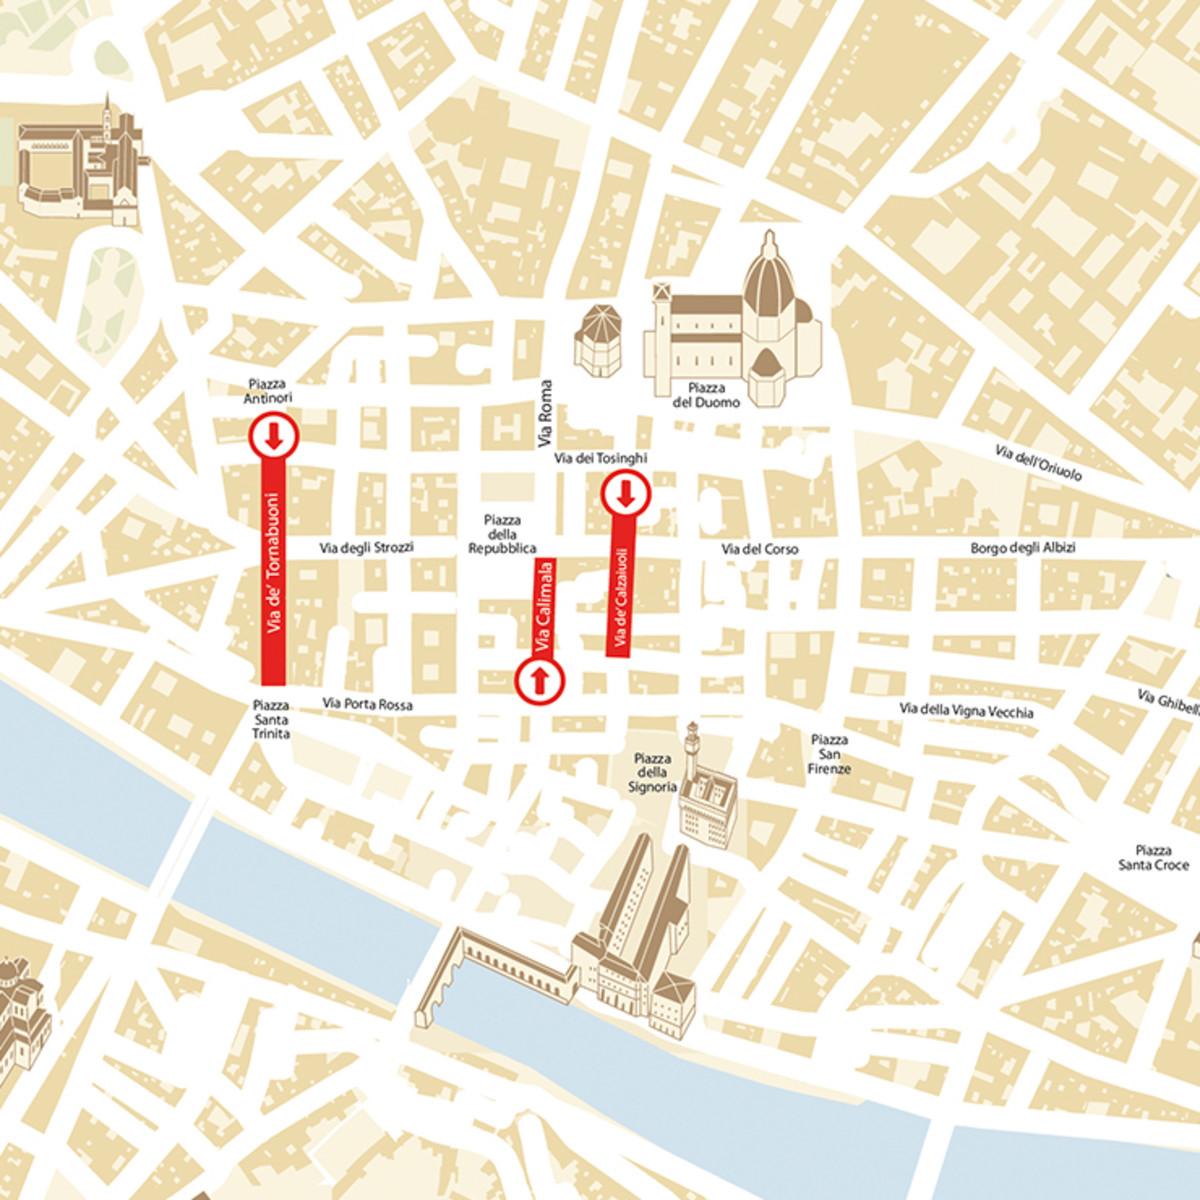 Firenze Cartina Centro Storico.Tutti I Sensi Unici Pedonali Da Sapere Per Muoversi Nel Centro Storico Di Firenze Nel Weekend